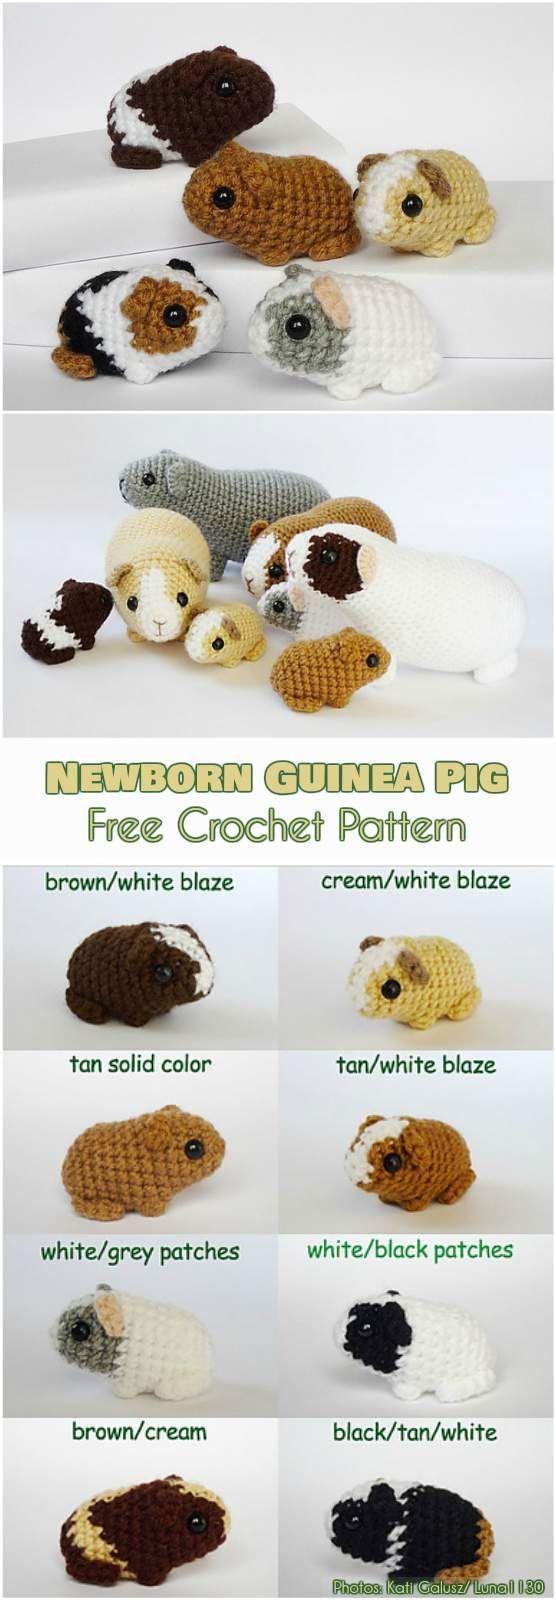 Neugeborenes Meerschweinchen kostenlose Muster,  #kostenlose #meerschweinchen #muster #neugeborenes #crochettoys